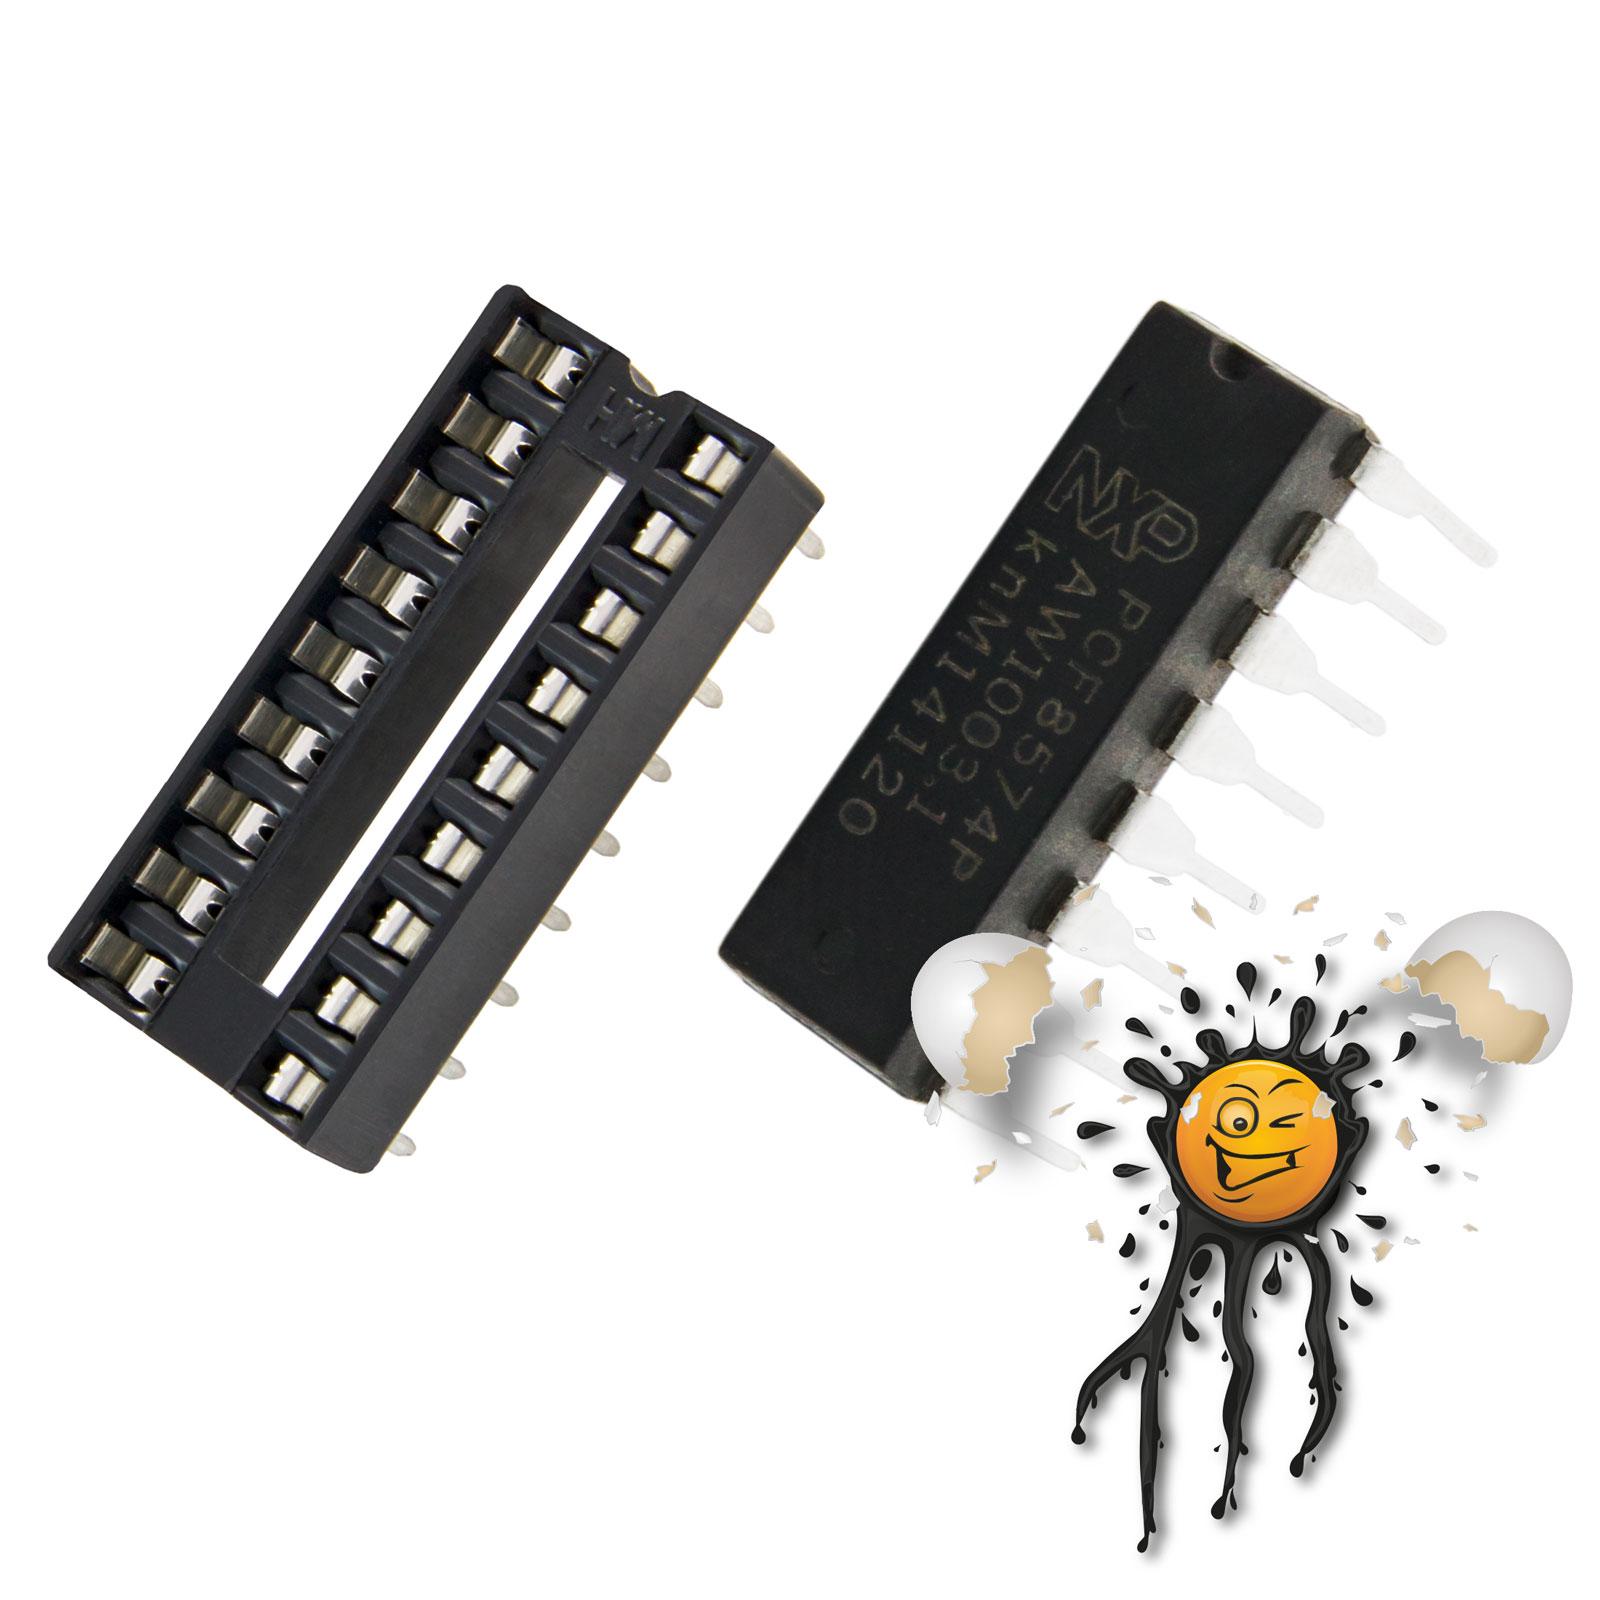 PCF8574 I2C Bus Expander incl. 2 row 8 pin socket